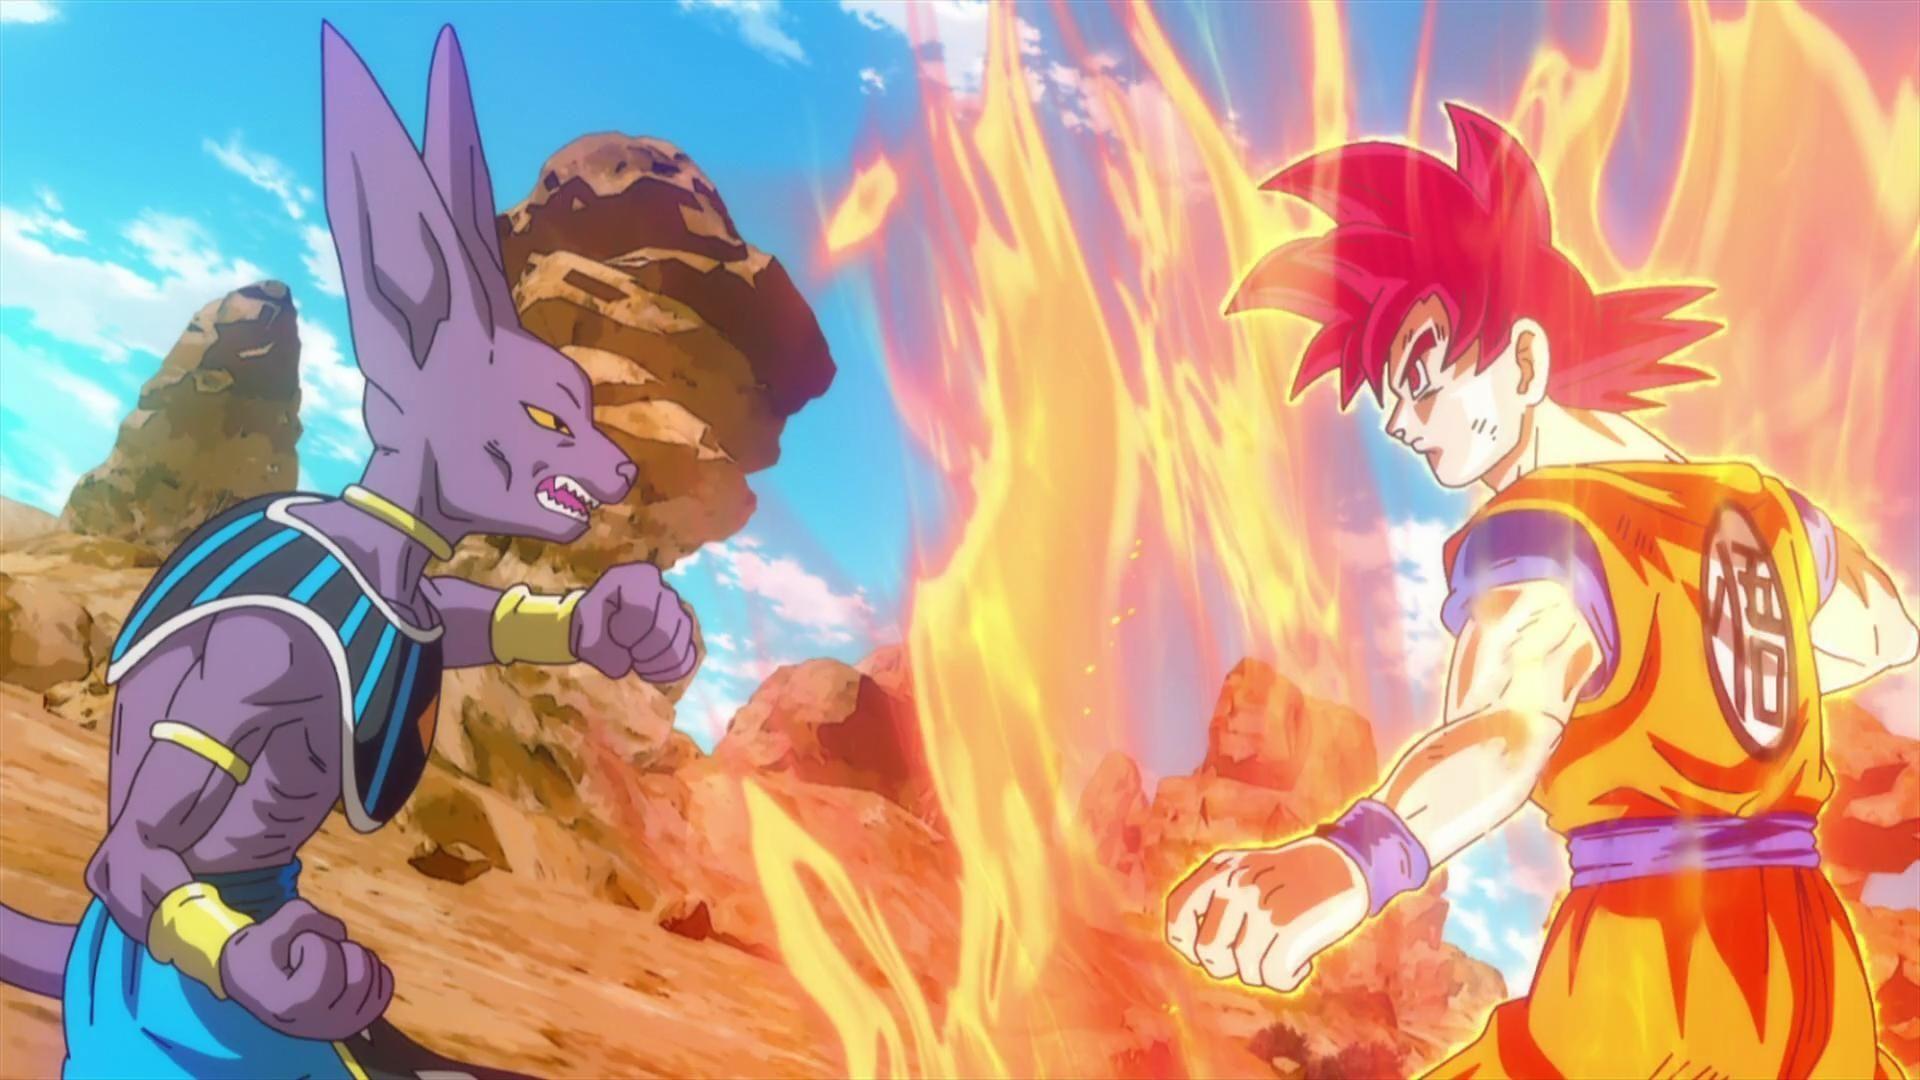 Goku Vs Beerus Wallpapers Wallpaper Cave